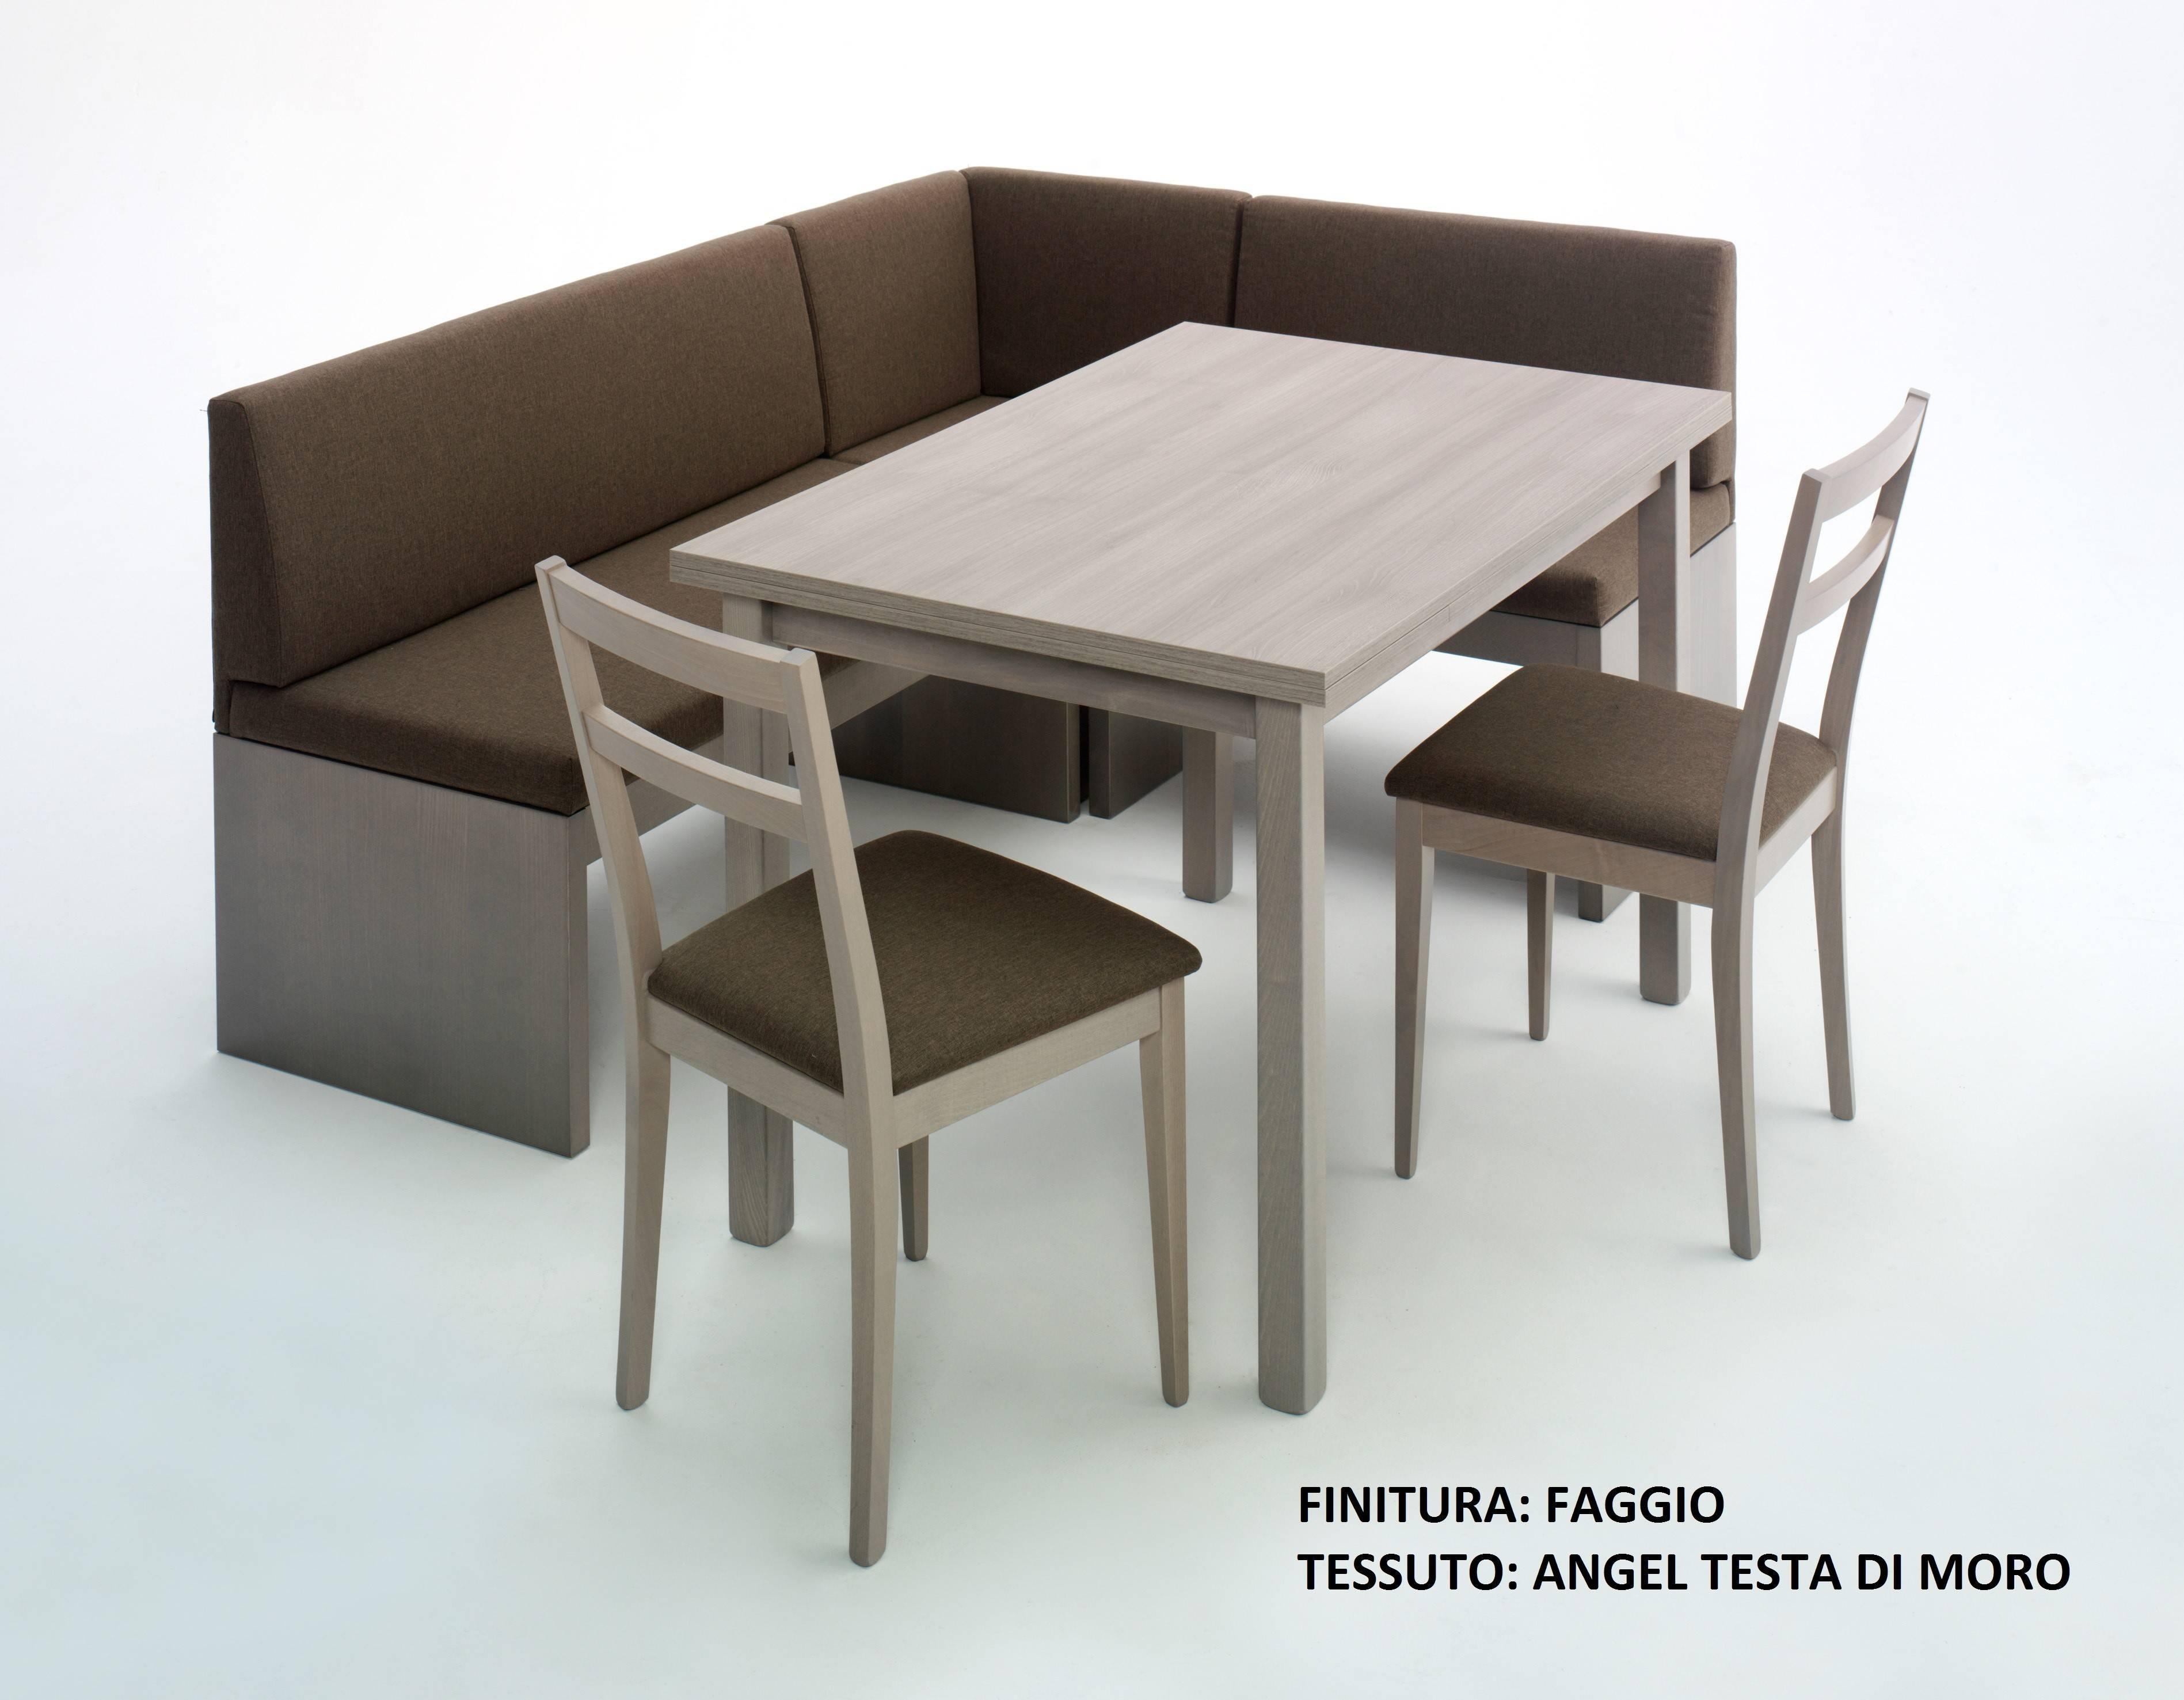 panca-modbibione-angolare-con-tavolo-e-due-sedie-in-legno-finitura-faggio-naturale.jpg